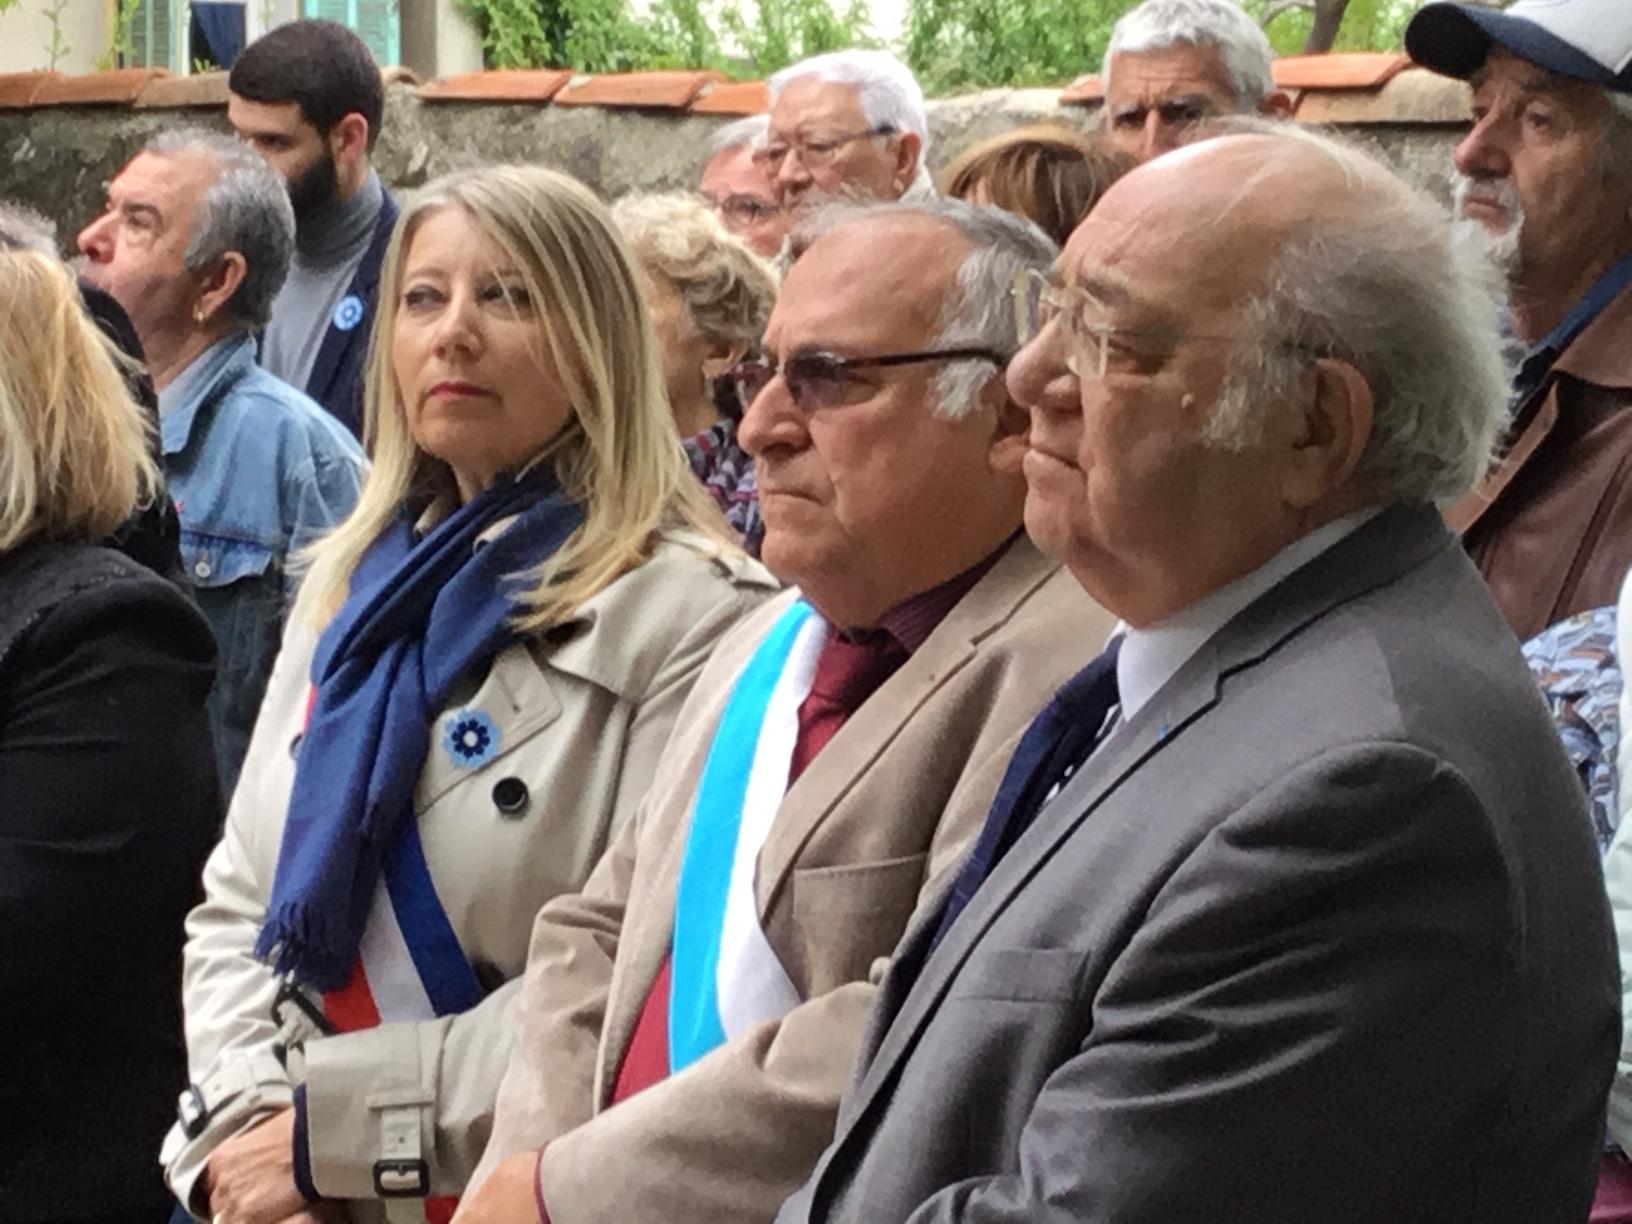 Cérémonies commémorative du 8 mai 1945 : La déclaration de l'ARAC, une bouffée d'oxygène, dans une journée de discours guerriers et démagogiques des élus LR et LRem